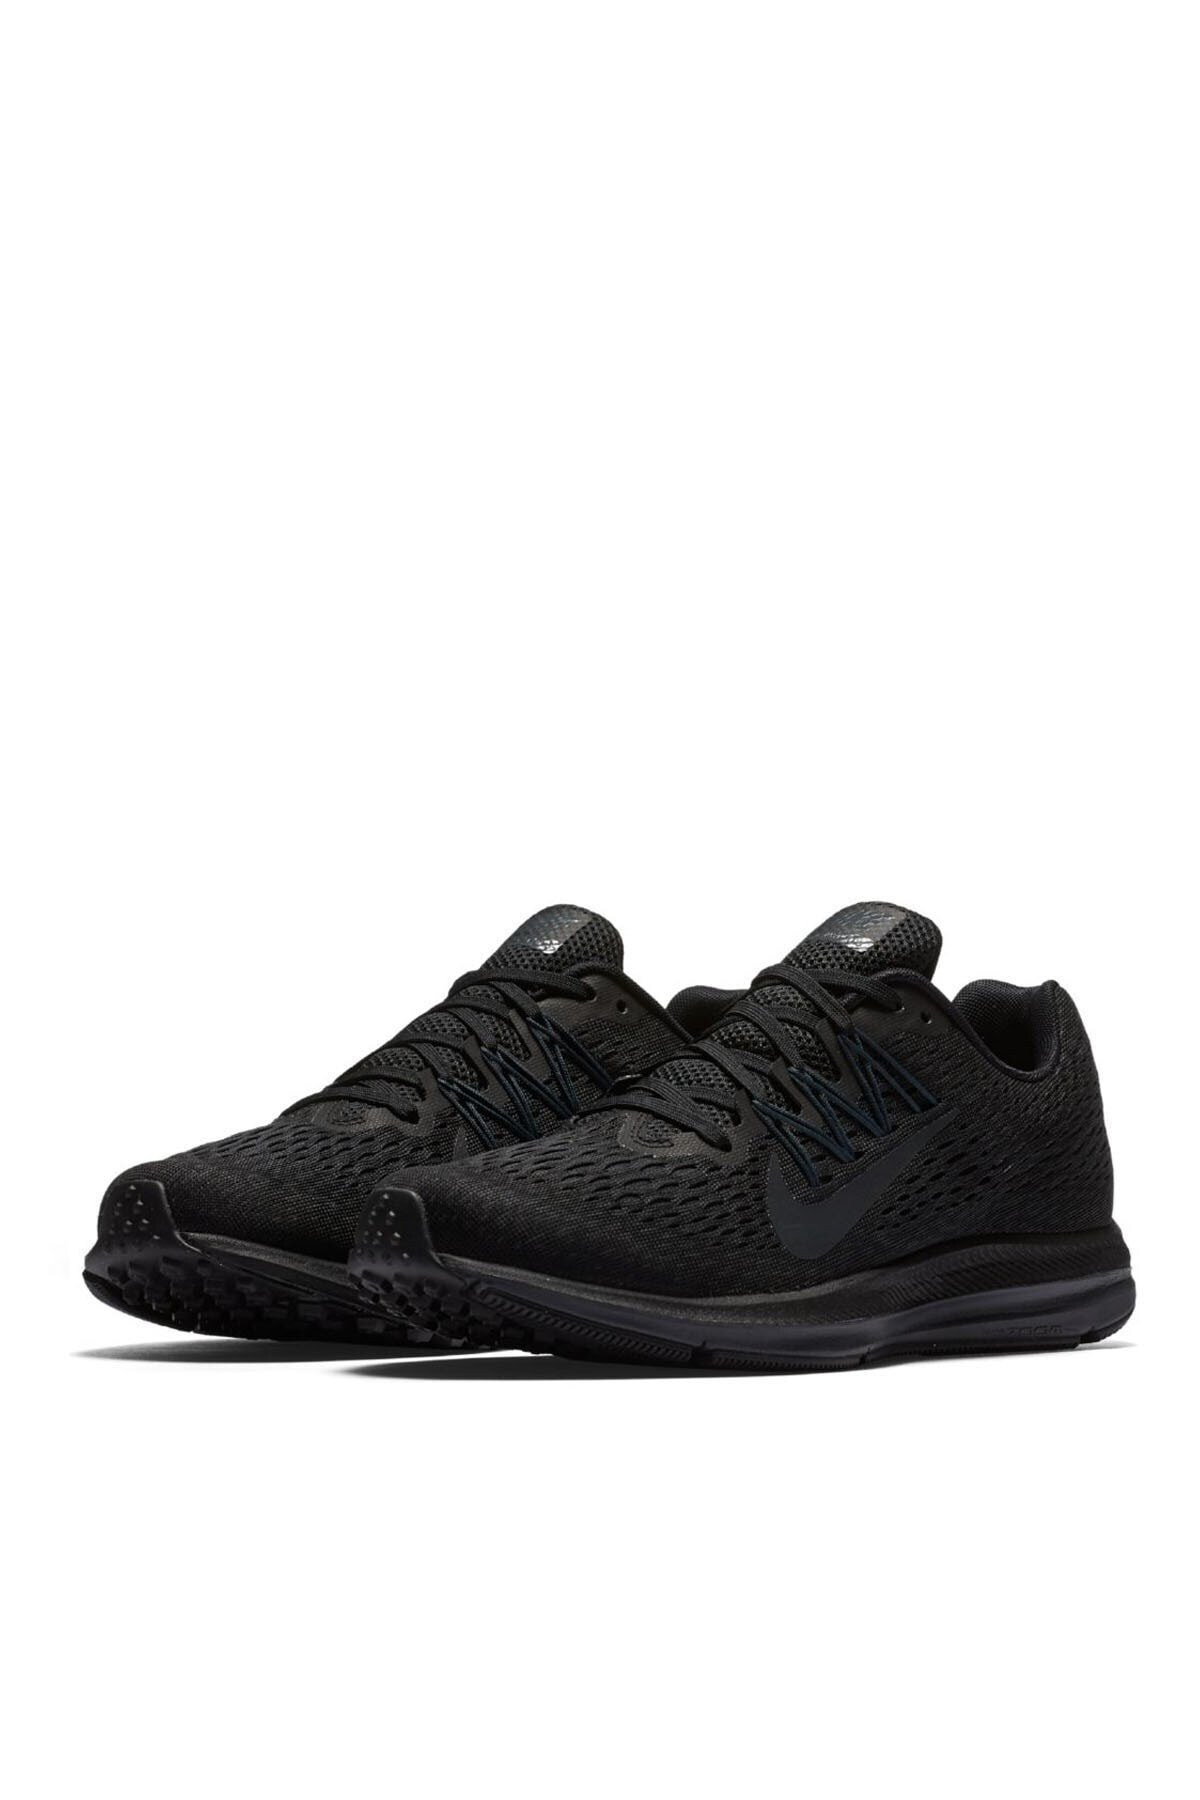 Nike Kadın Siyah Koşu Ayakkabısı  Wmns Nıke Zoom Wınflo 5  Aa7414-002 1